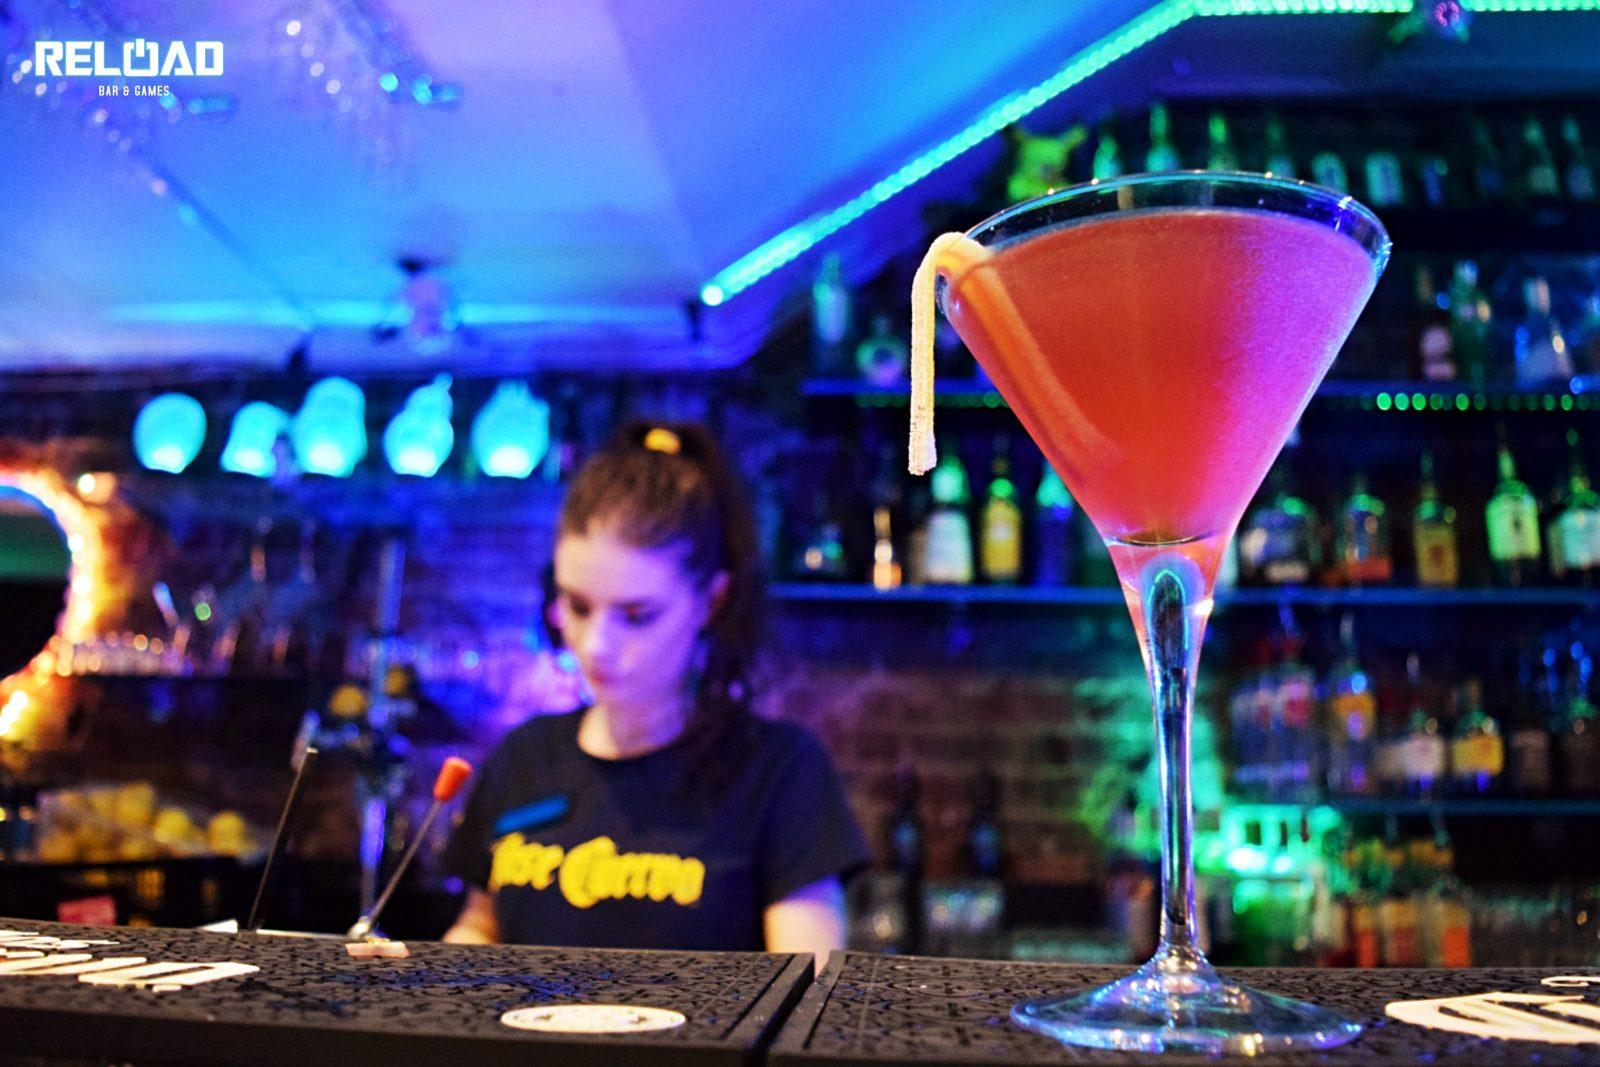 Reload Bar & Games Cocktails